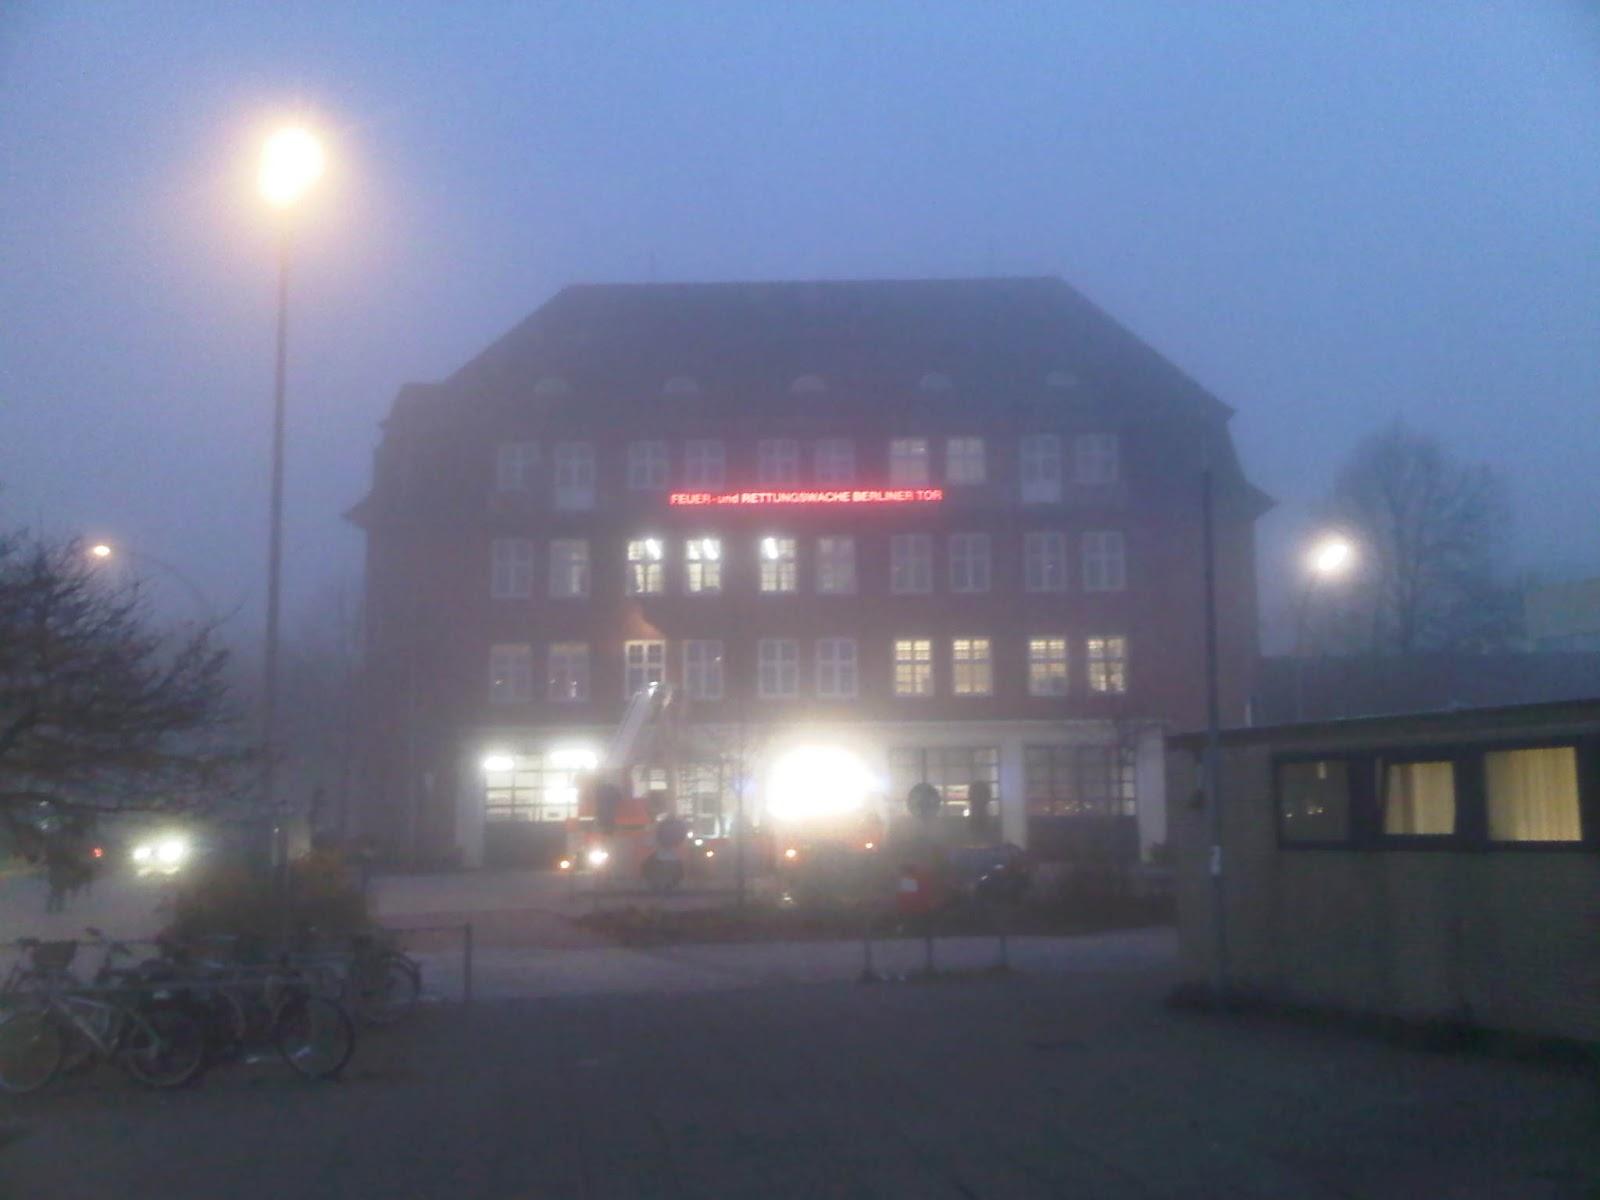 Feuerwache Berliner Tor im Nebel - Fire-Department Berliner Tor in the fog